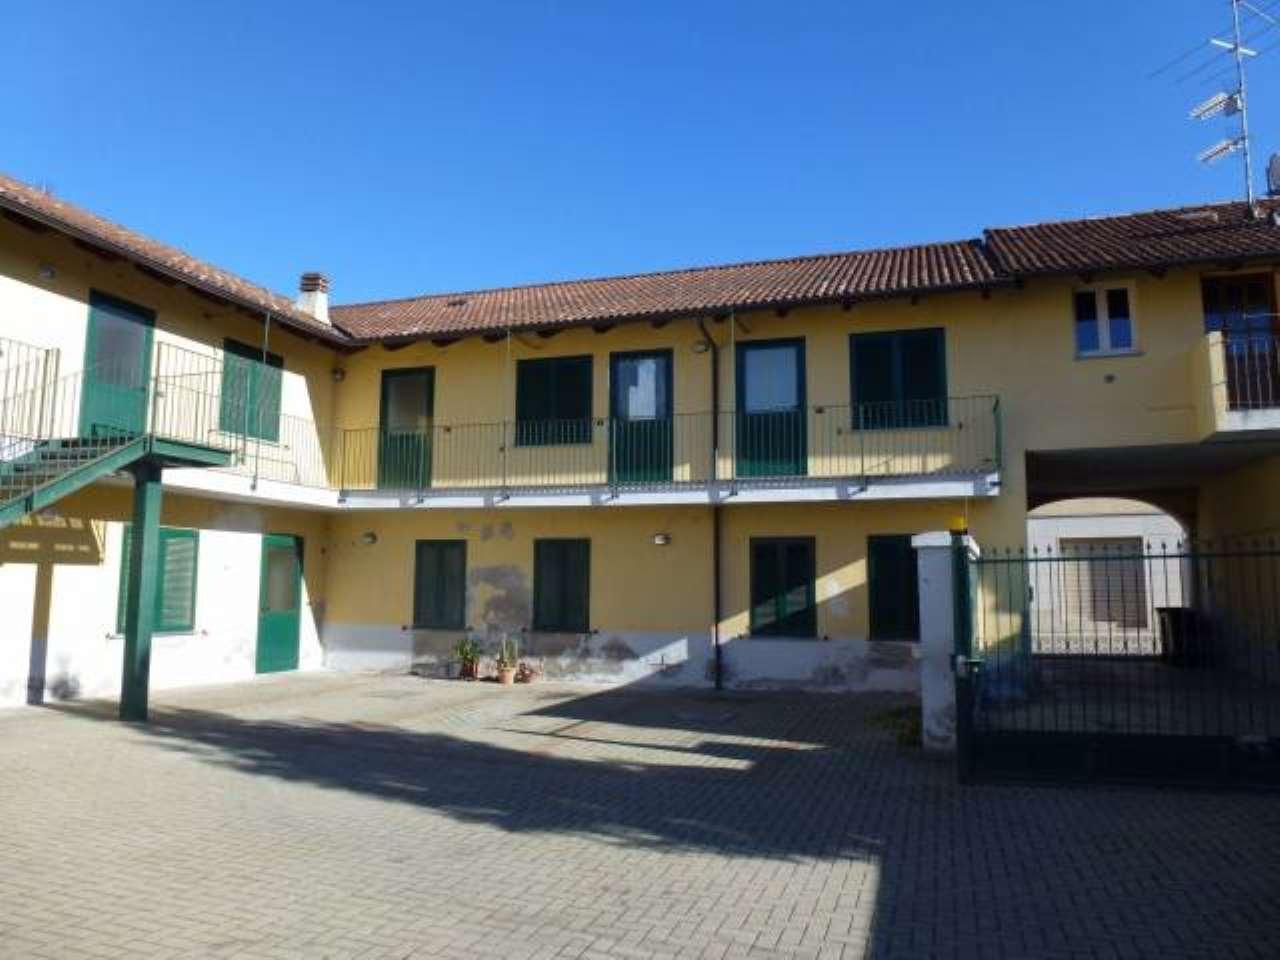 Appartamento in vendita a Prarolo, 4 locali, prezzo € 45.000 | CambioCasa.it